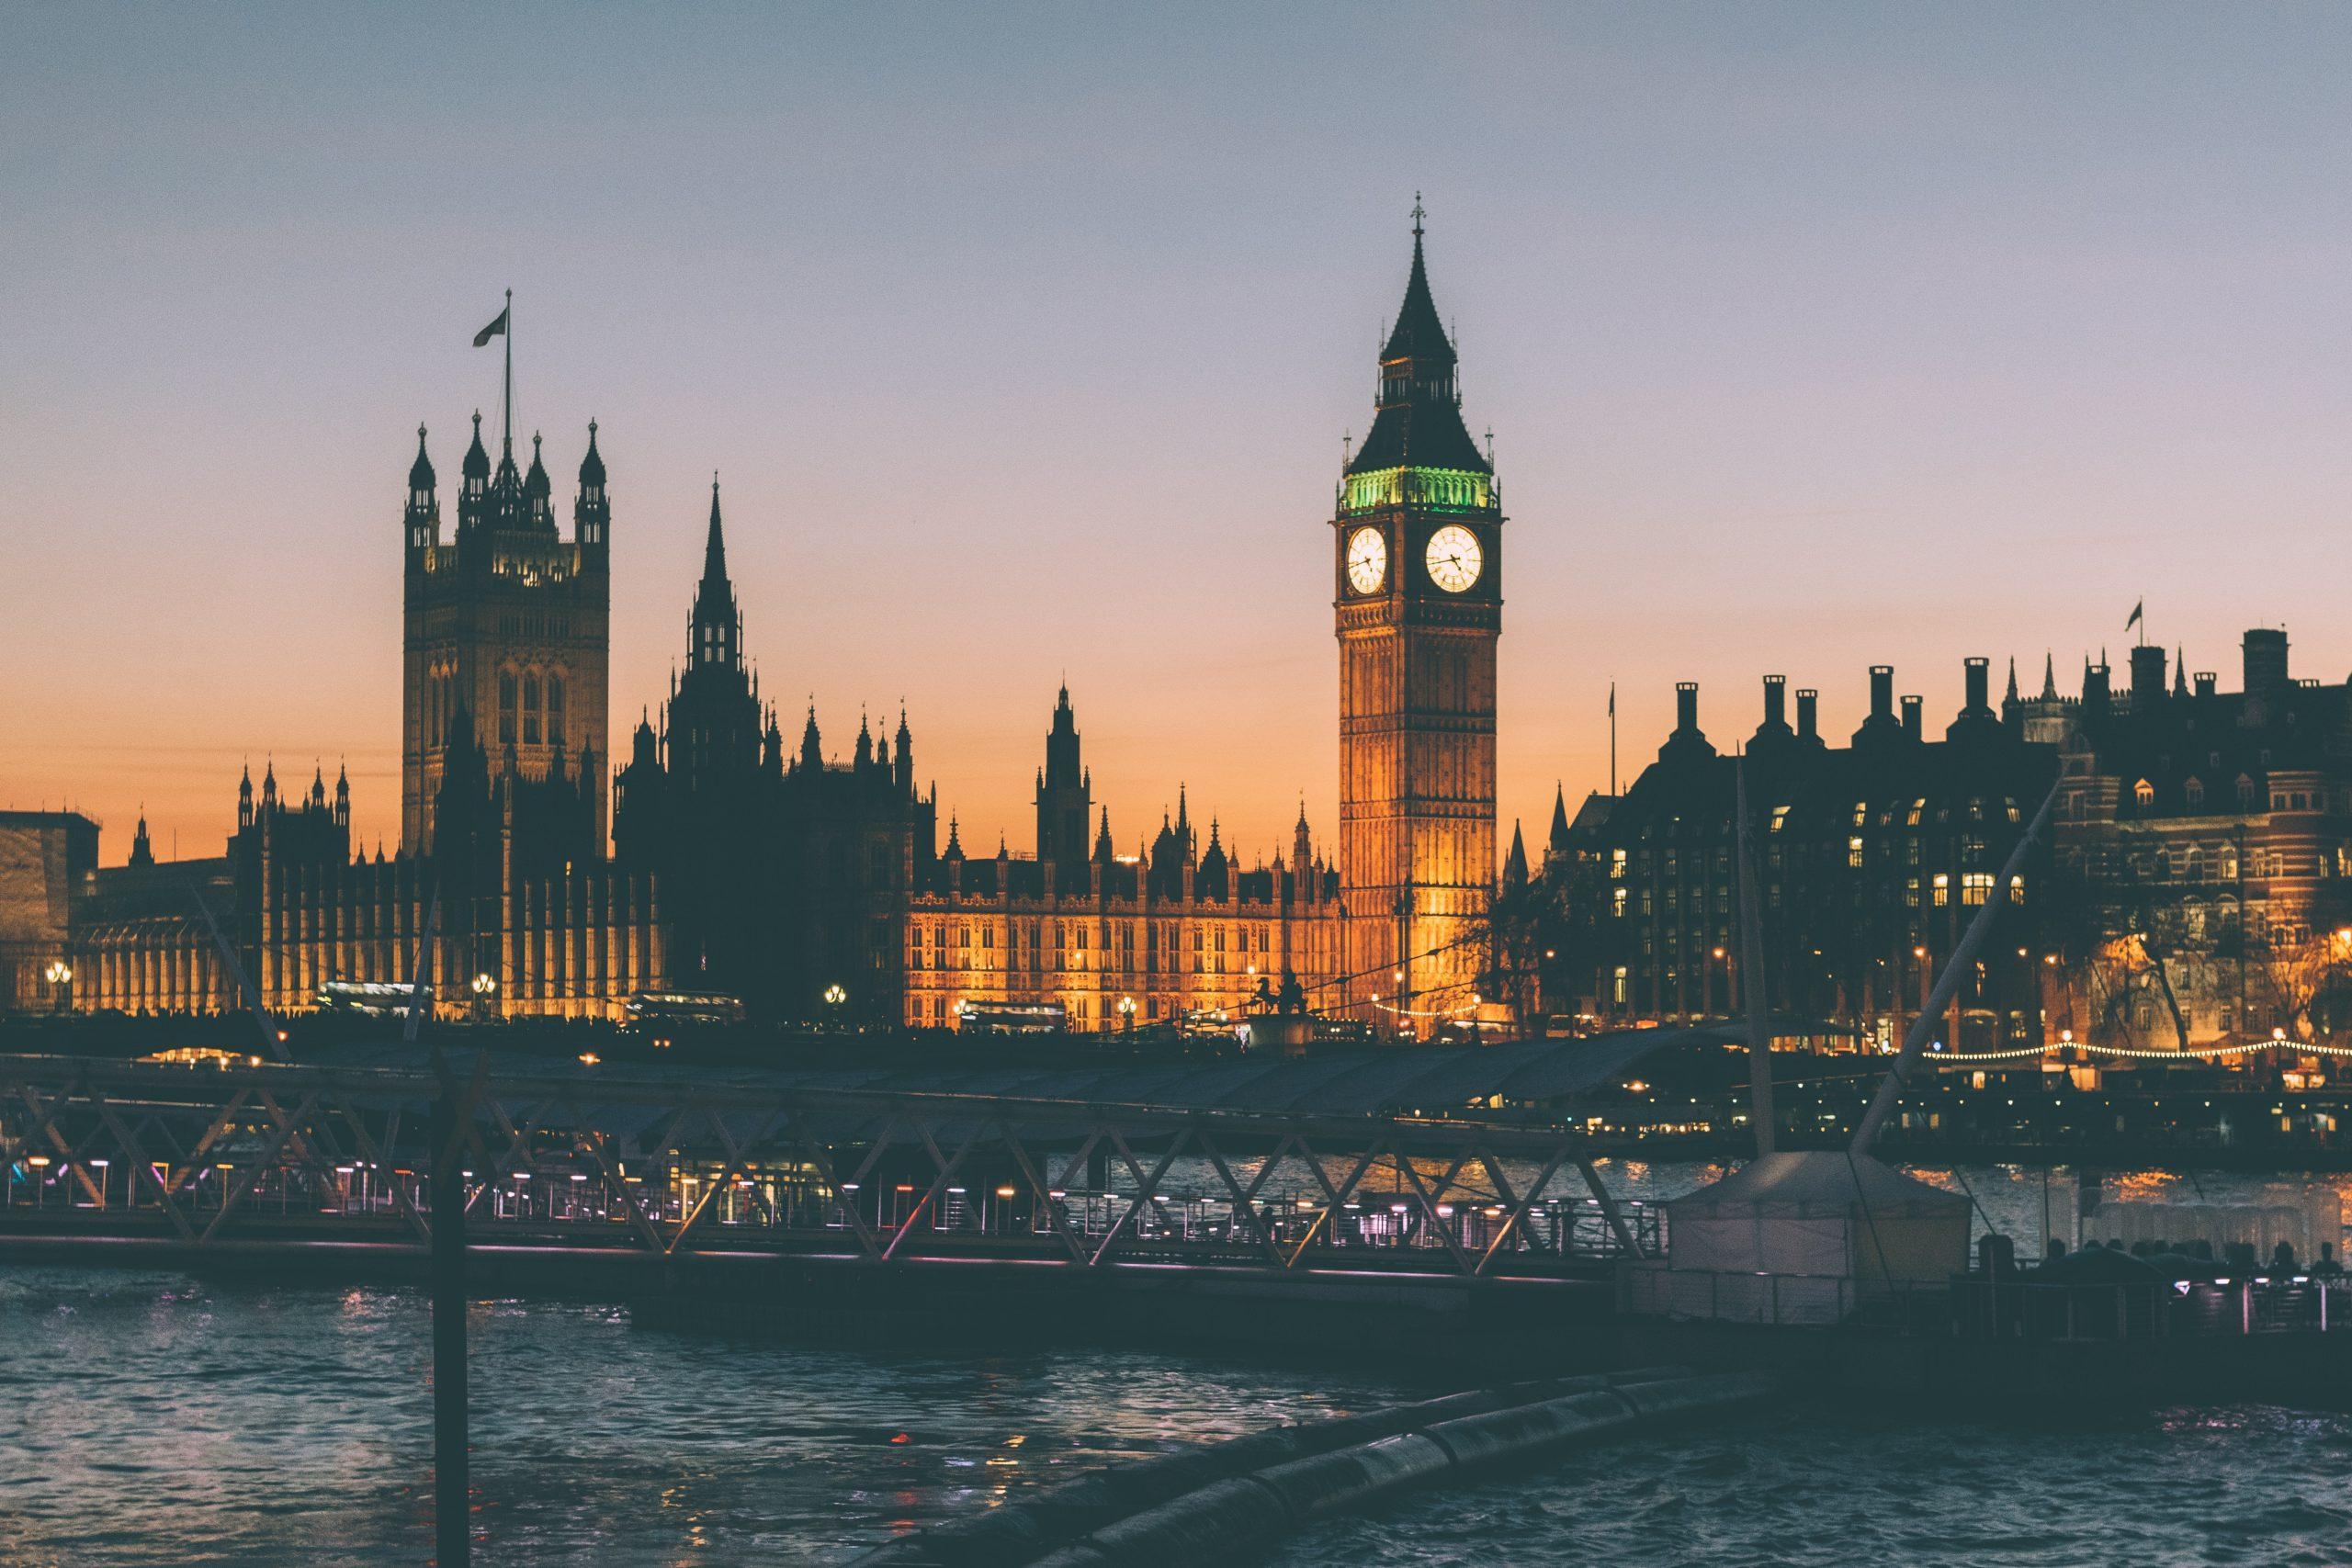 Studij u Velikoj Britaniji – Oxford, Cambridge, ili?